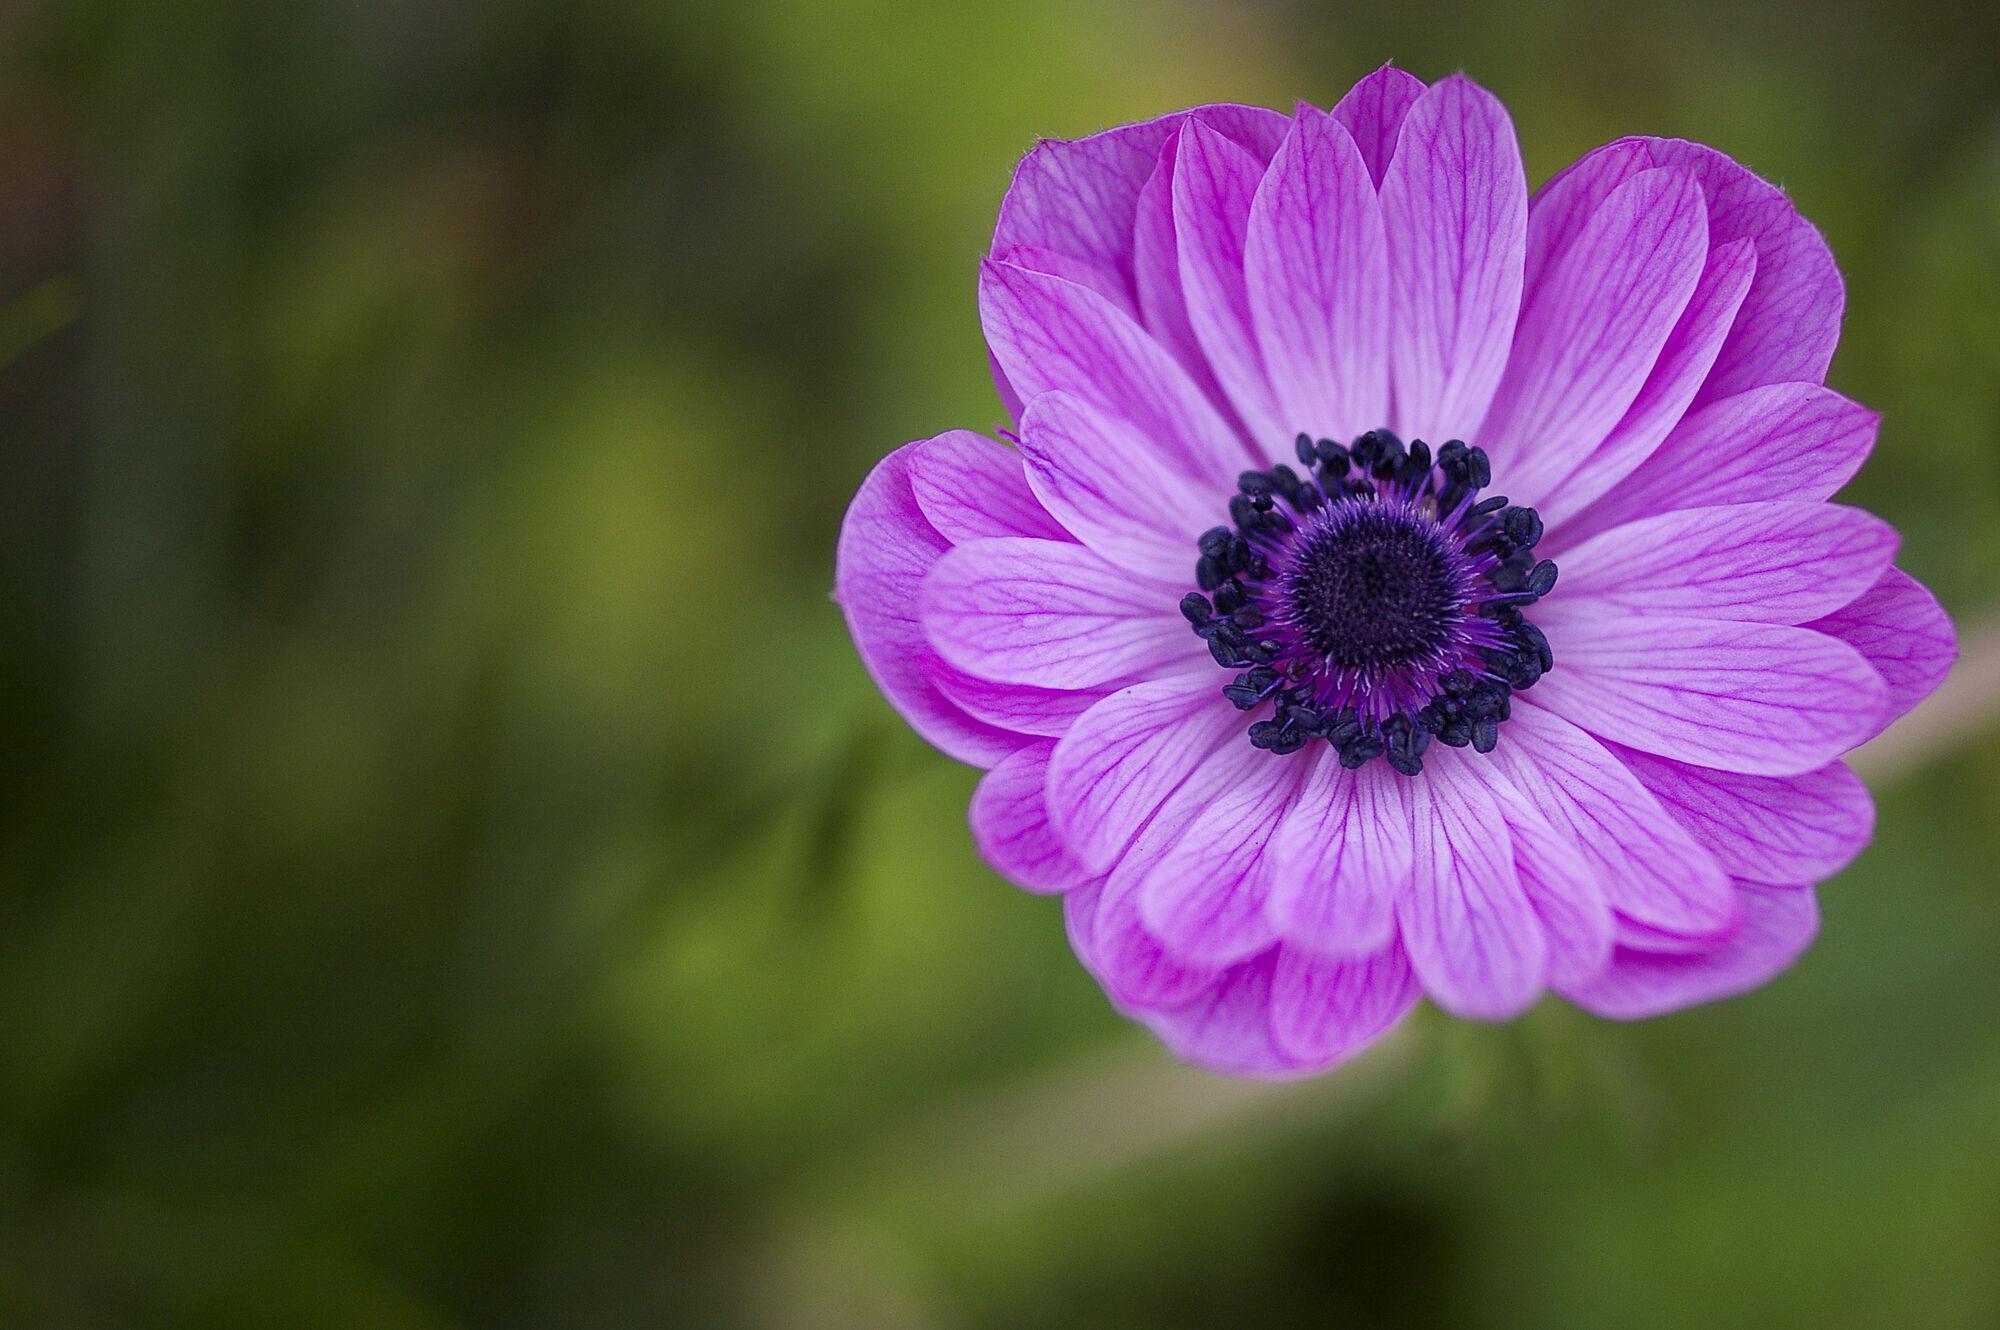 anemone  symbolism wiki  fandom powered by wikia, Natural flower